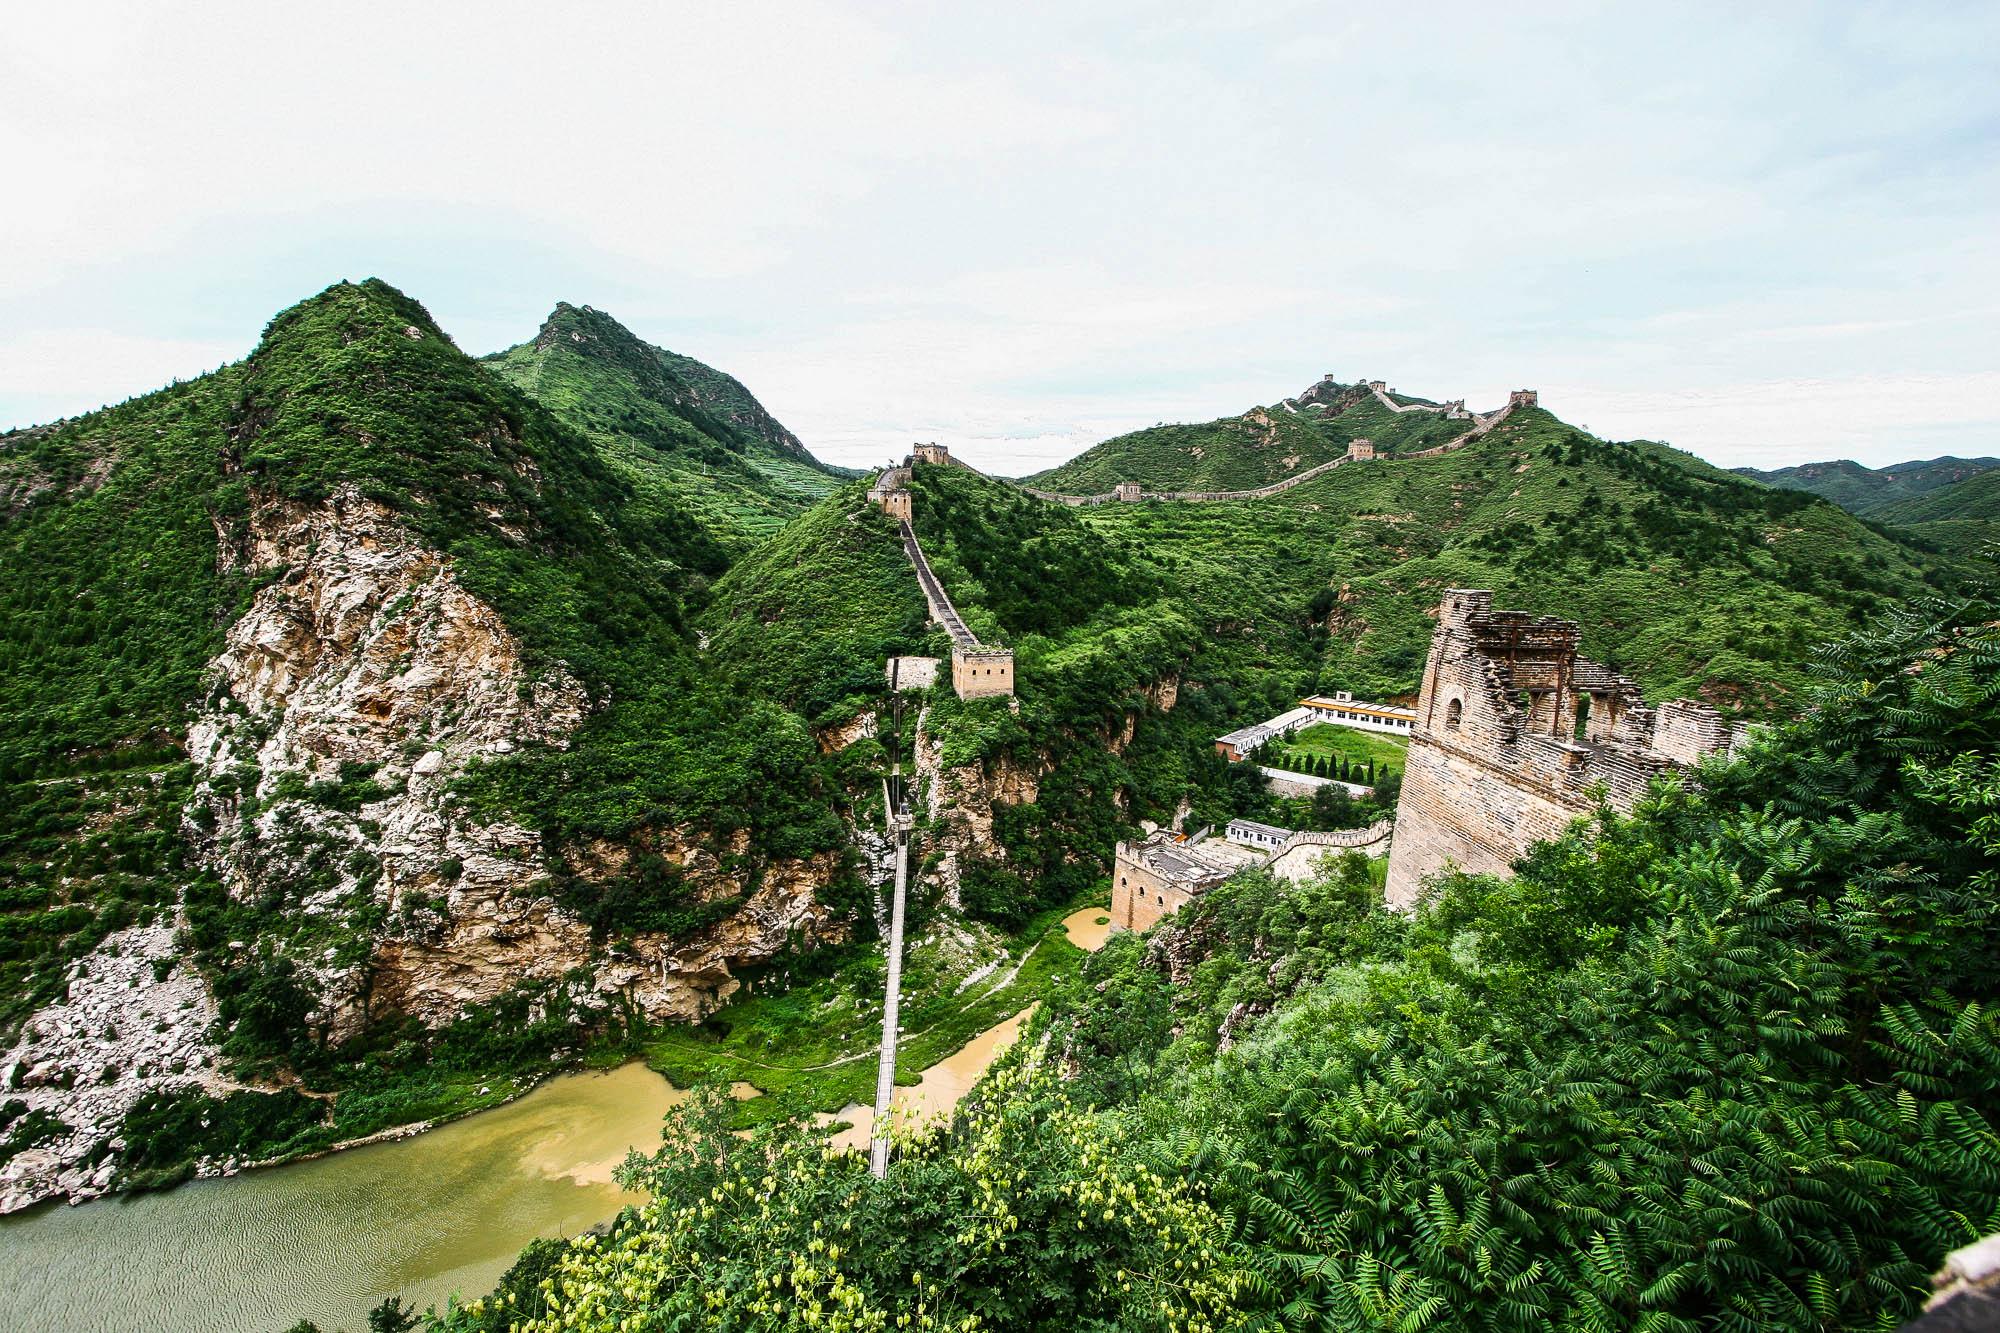 CHINA_2007_jusmedic - 65